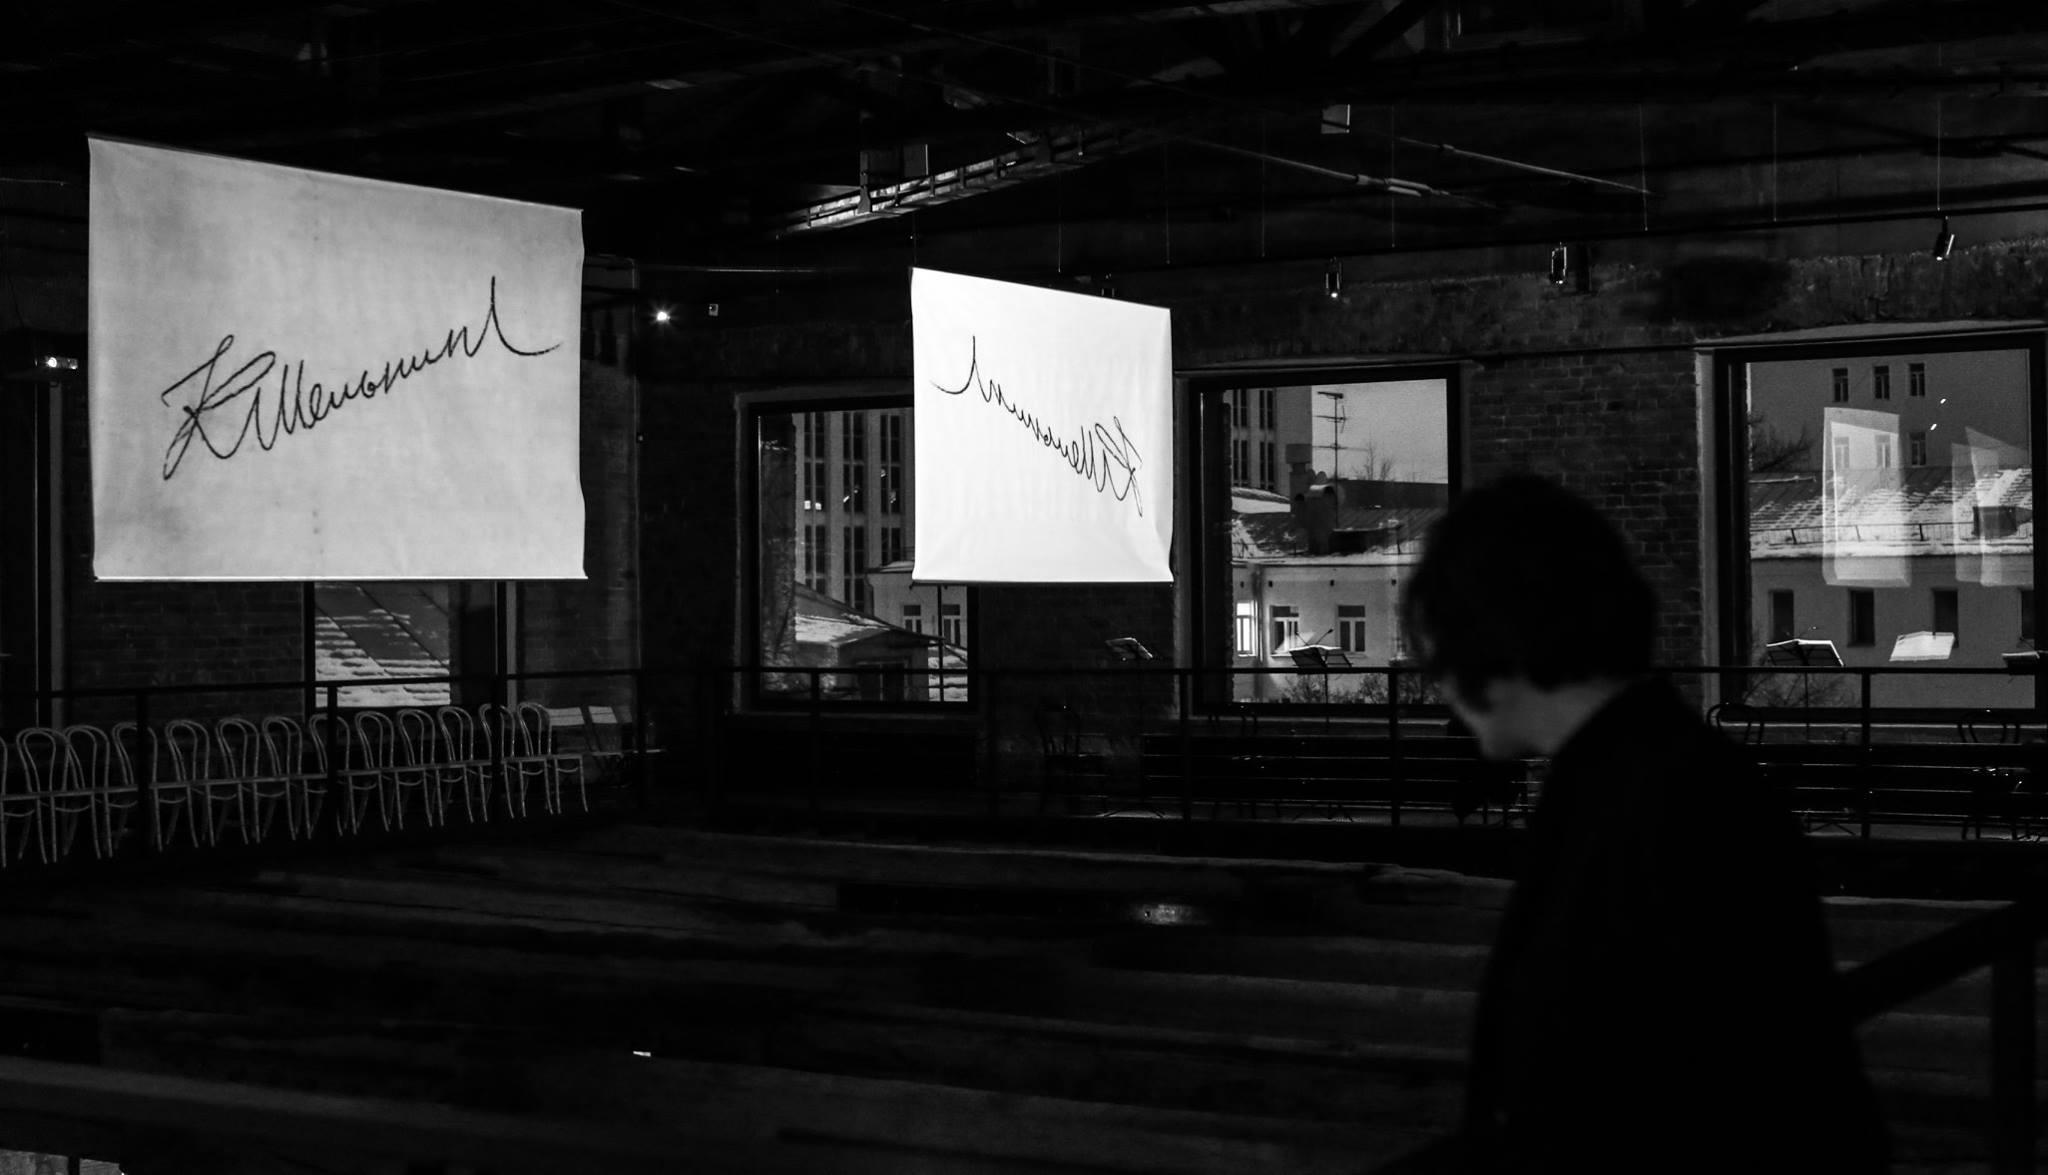 «Мельников. Документальная опера» во флигеле «Руина» Музея архитектуры. Фото: Шамиль Хасянзанов